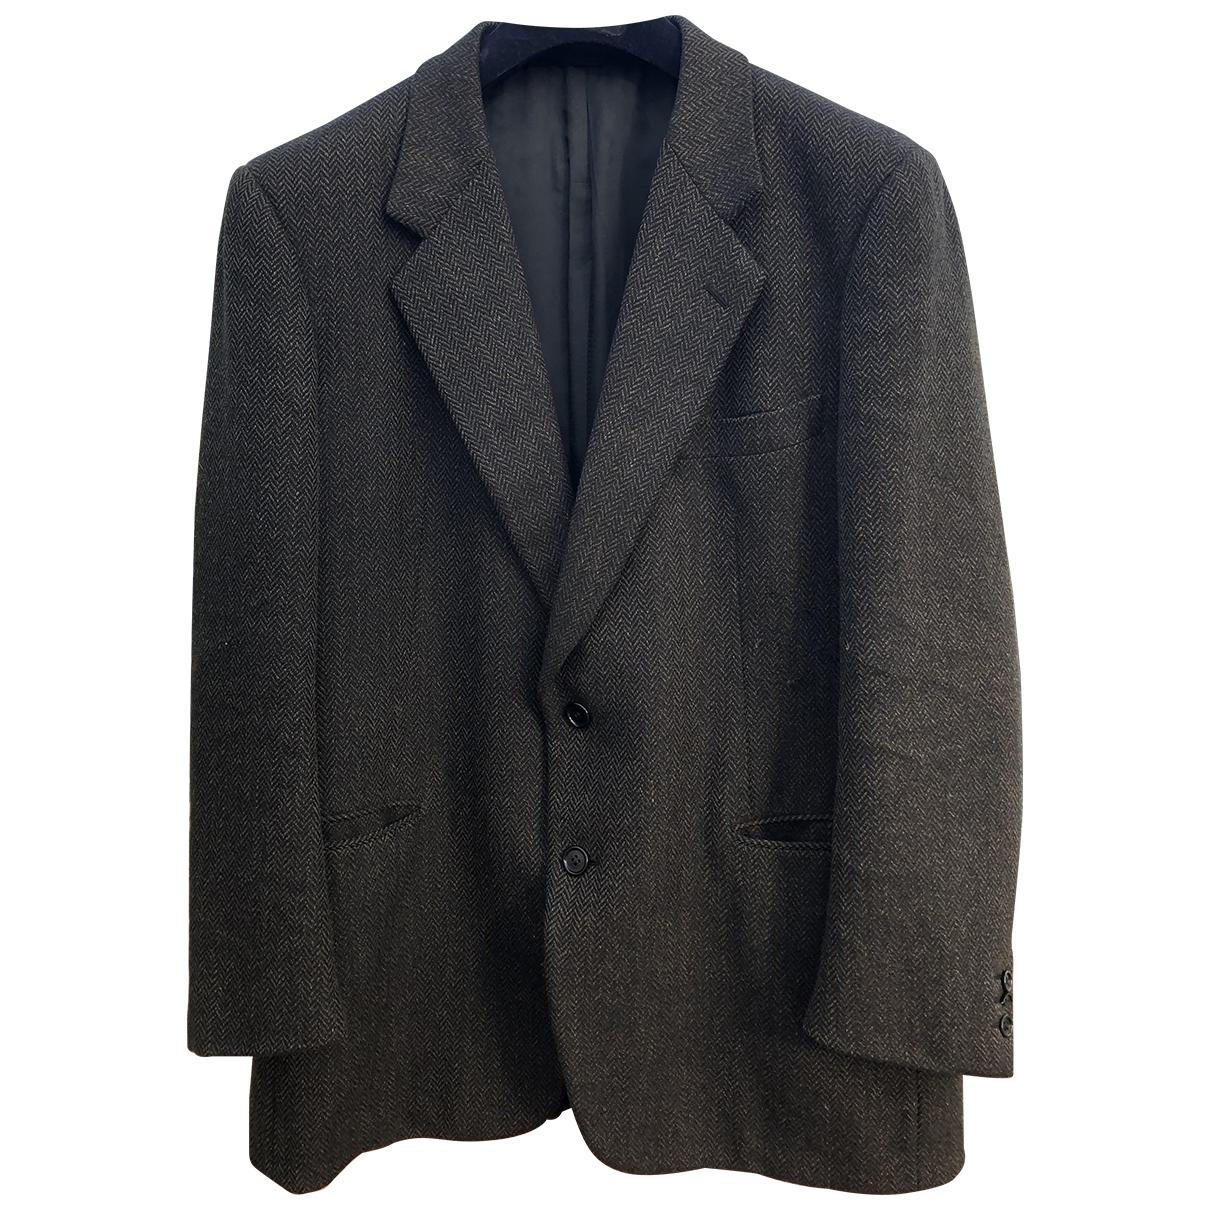 Burberry \N Jacke in  Gruen Wolle